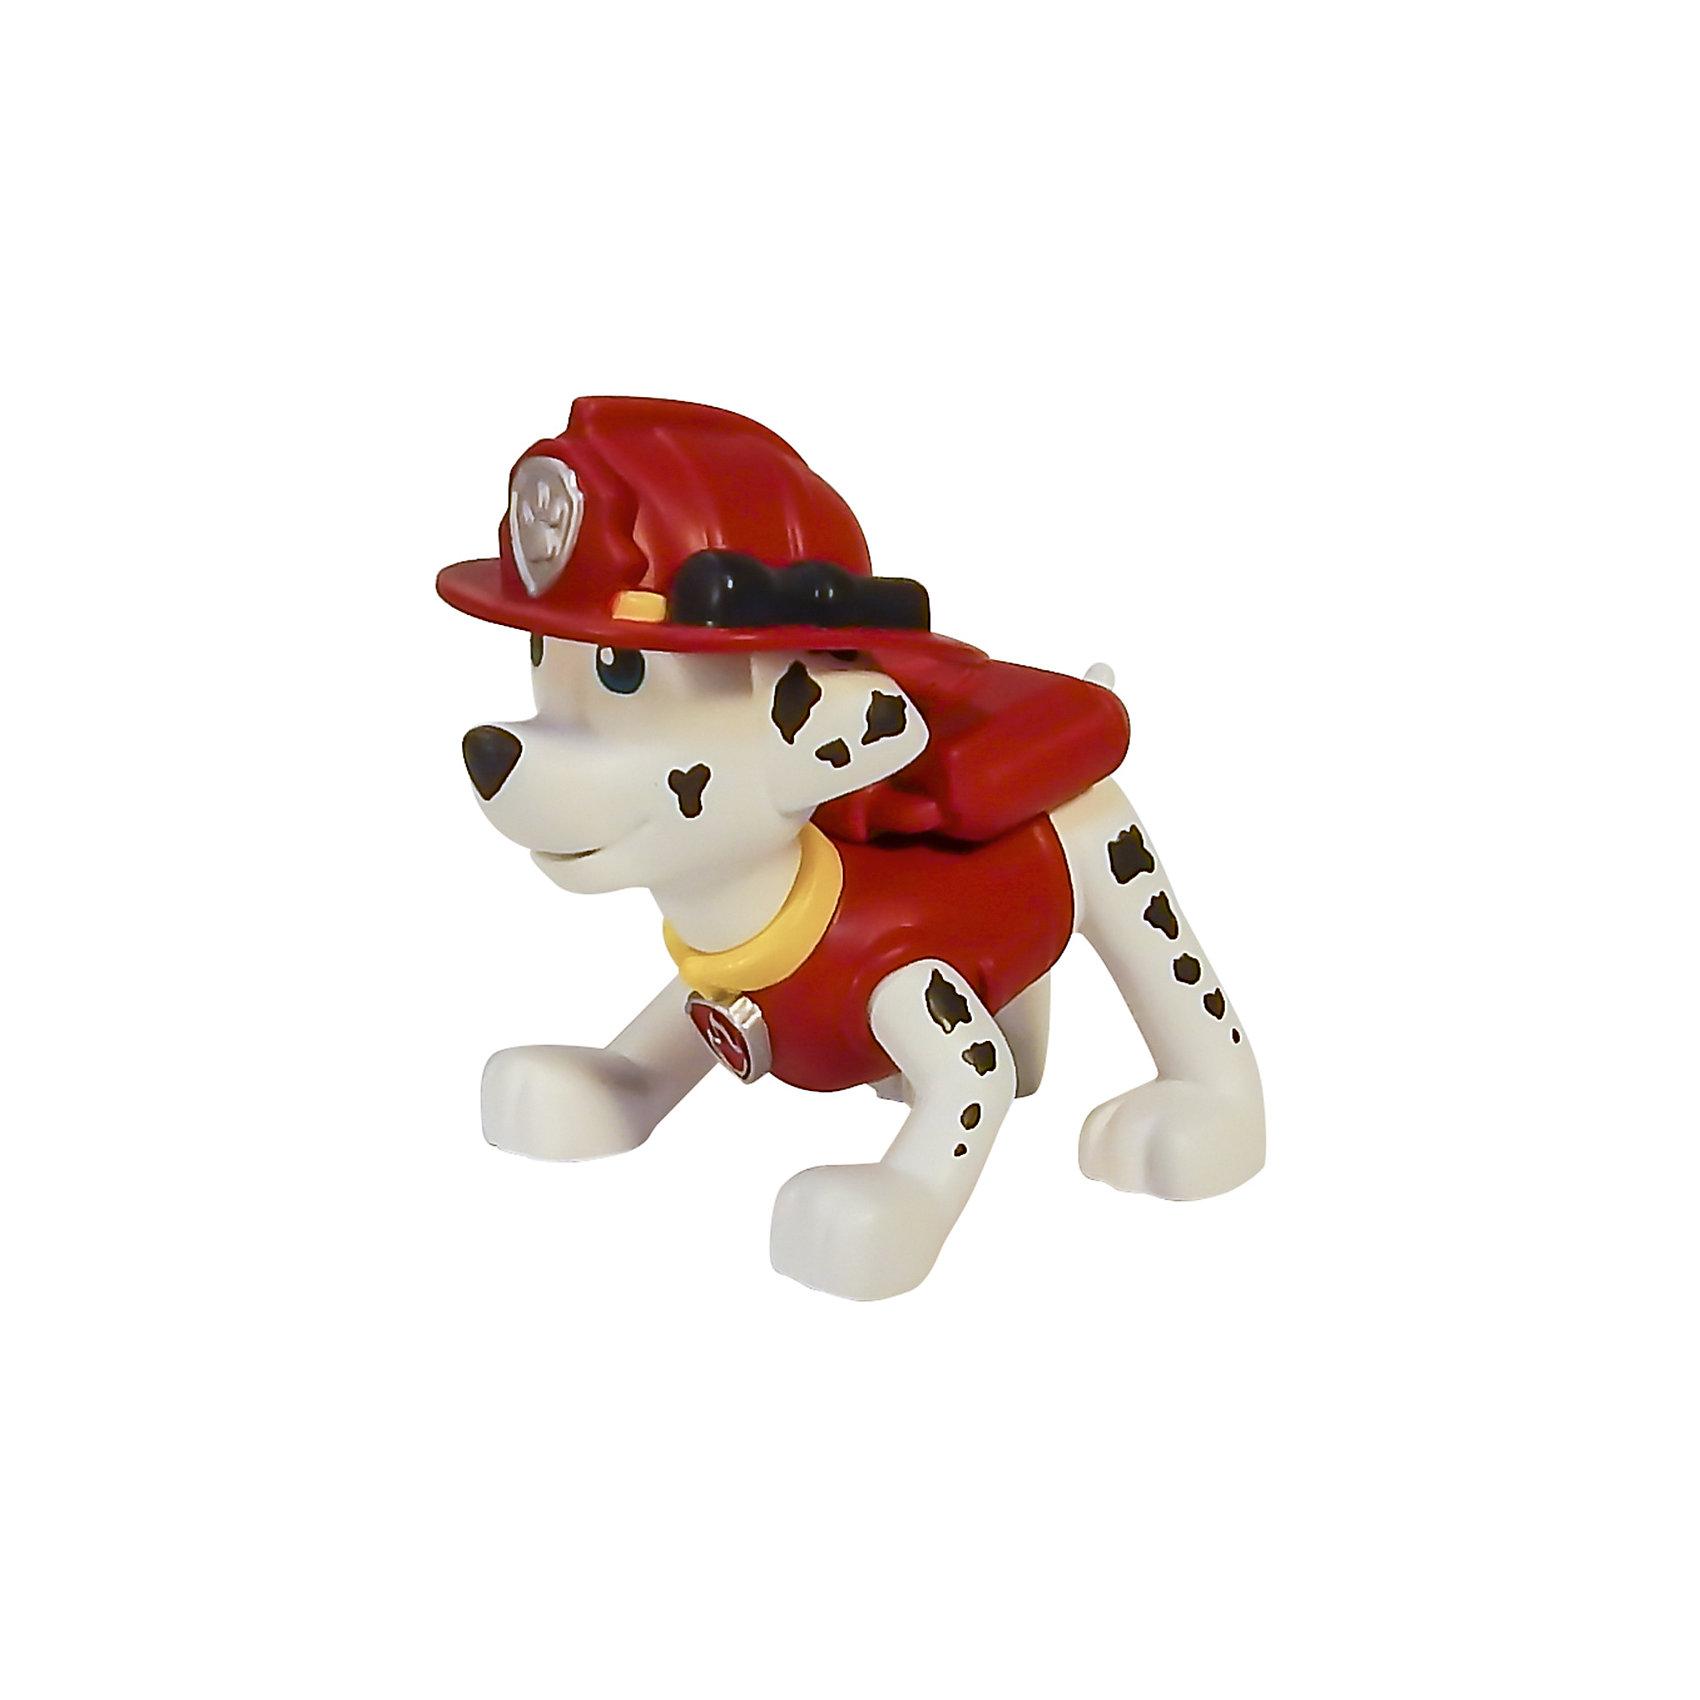 Маленькая фигурка щенка Маршал, Щенячий патруль, Spin MasterИгрушки<br>Маршал - отважный спасатель - пожарный, который сможет справиться с любым огнем! Коллекционная фигурка из серии Paw Patrol (Щенячий патруль) прекрасно детализирована, очень реалистична - в точности повторяет облик персонажа любимого мультфильма. Собери всю коллекцию щенков-спасателей! <br><br><br>Дополнительная информация:<br><br>- Материал: пластик.<br>- Размер фигурки: 7 см. <br>- У фигурки подвижная голова.<br><br>Маленькую фигурку щенка Маршала, Щенячий патруль, Spin Master (Спин Мастер) можно купить в нашем магазине.<br><br>Ширина мм: 60<br>Глубина мм: 40<br>Высота мм: 50<br>Вес г: 554<br>Возраст от месяцев: 36<br>Возраст до месяцев: 72<br>Пол: Унисекс<br>Возраст: Детский<br>SKU: 4004750